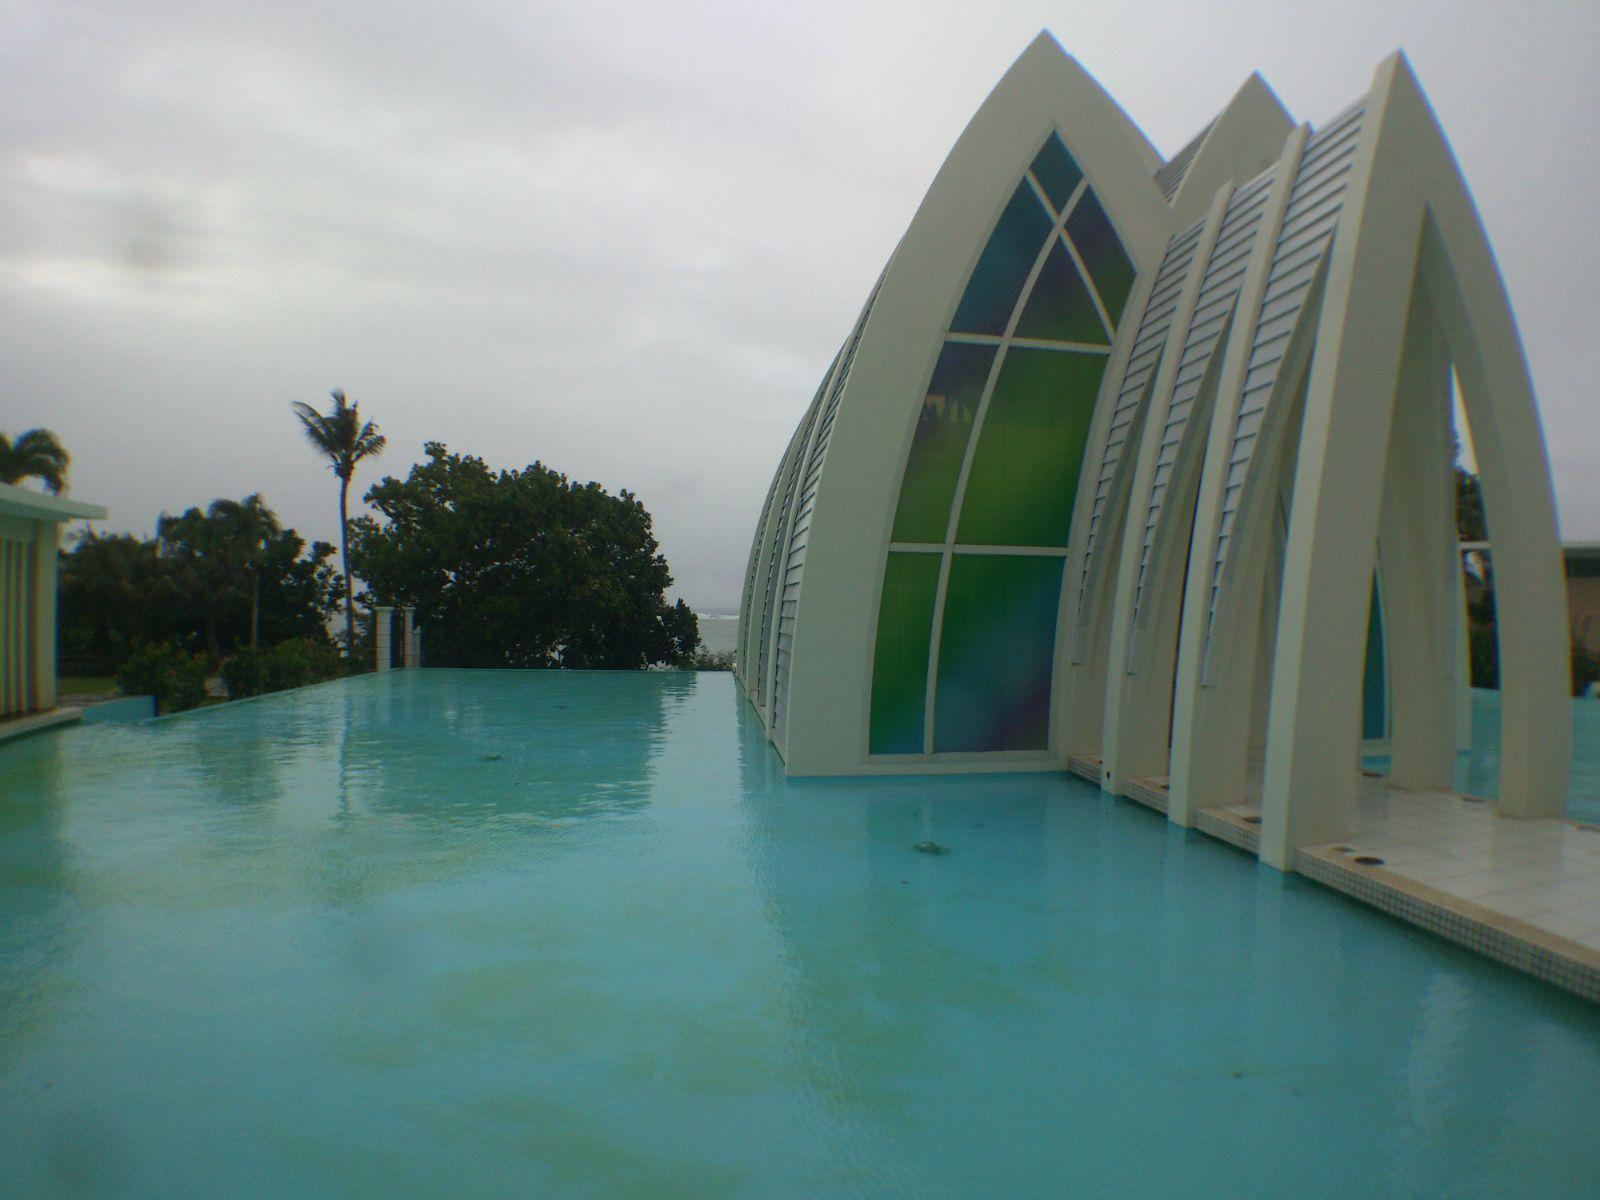 关岛 最美最震撼的彩虹教堂,如果要来关岛办婚礼就选这个吧 关岛